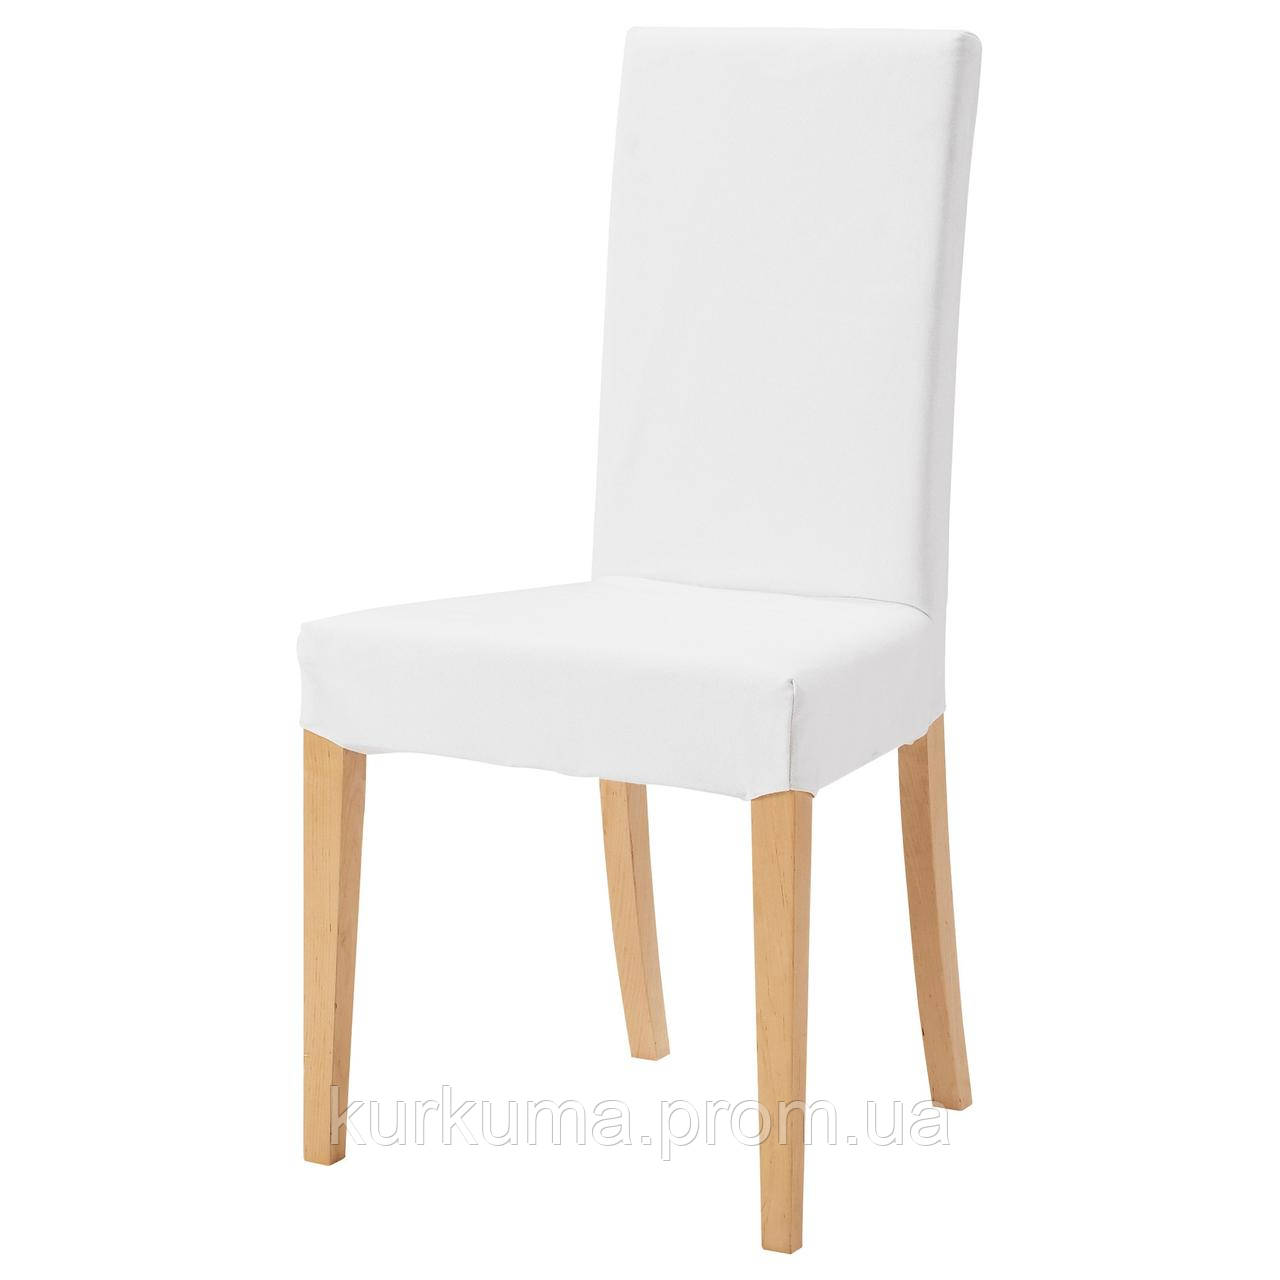 IKEA HARRY Стул, береза, Блекинге белый  (601.058.29)